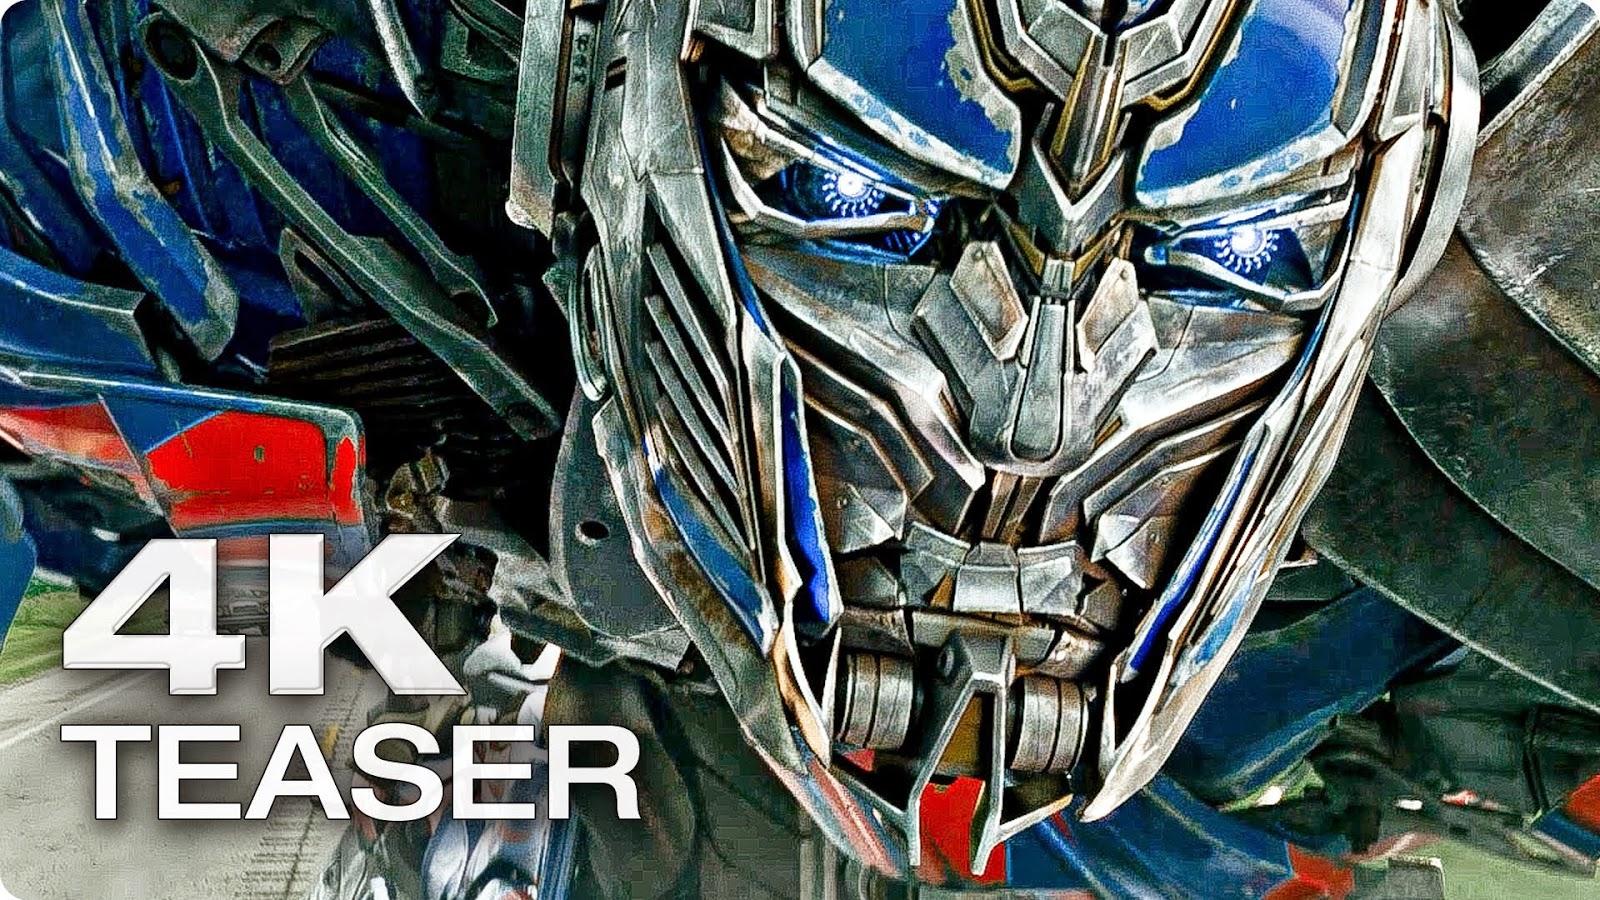 optimus prime wallpaper [transformers 4] - hd wallpaper